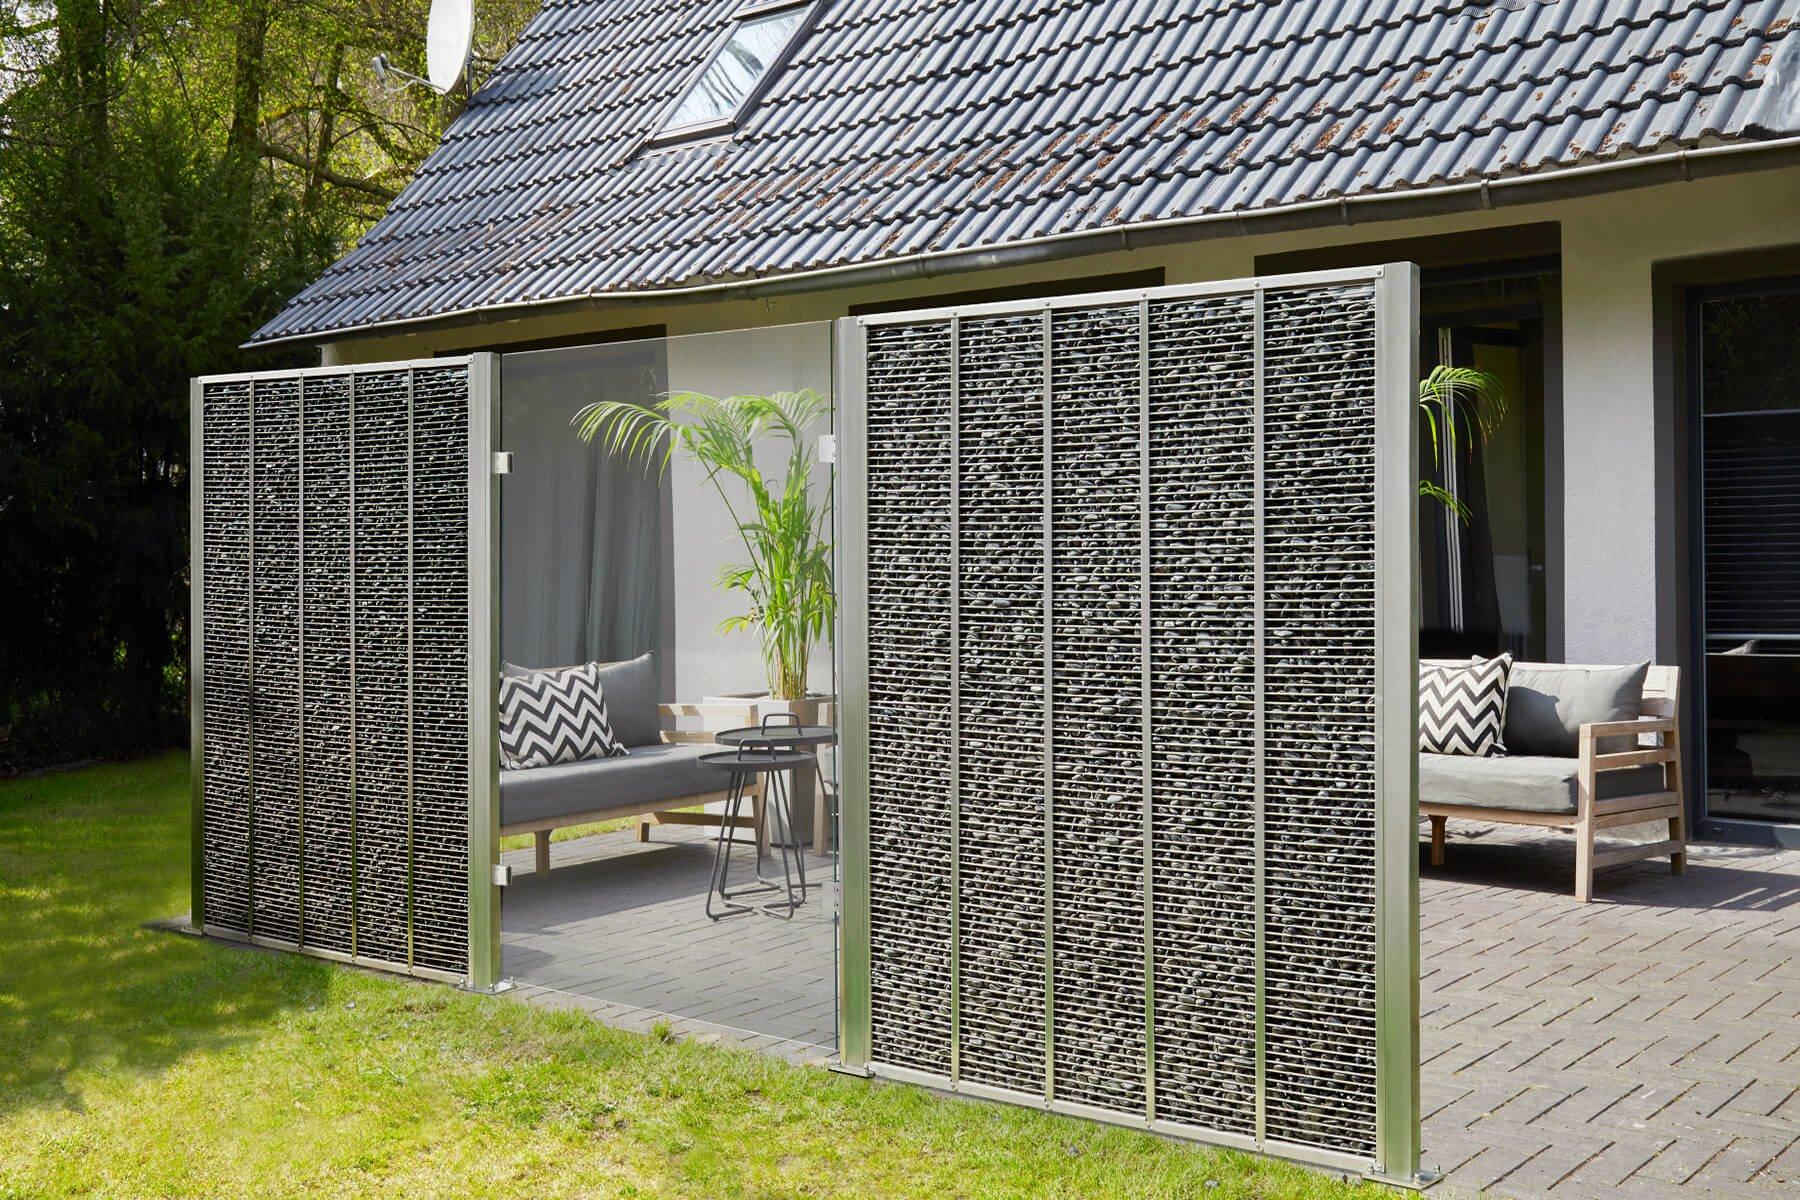 moderner-gabionenzaun-mit-cortenelement-kombiniert-schuetzt- garten-und-terrasse-vor-wind-blicken-und-laerm